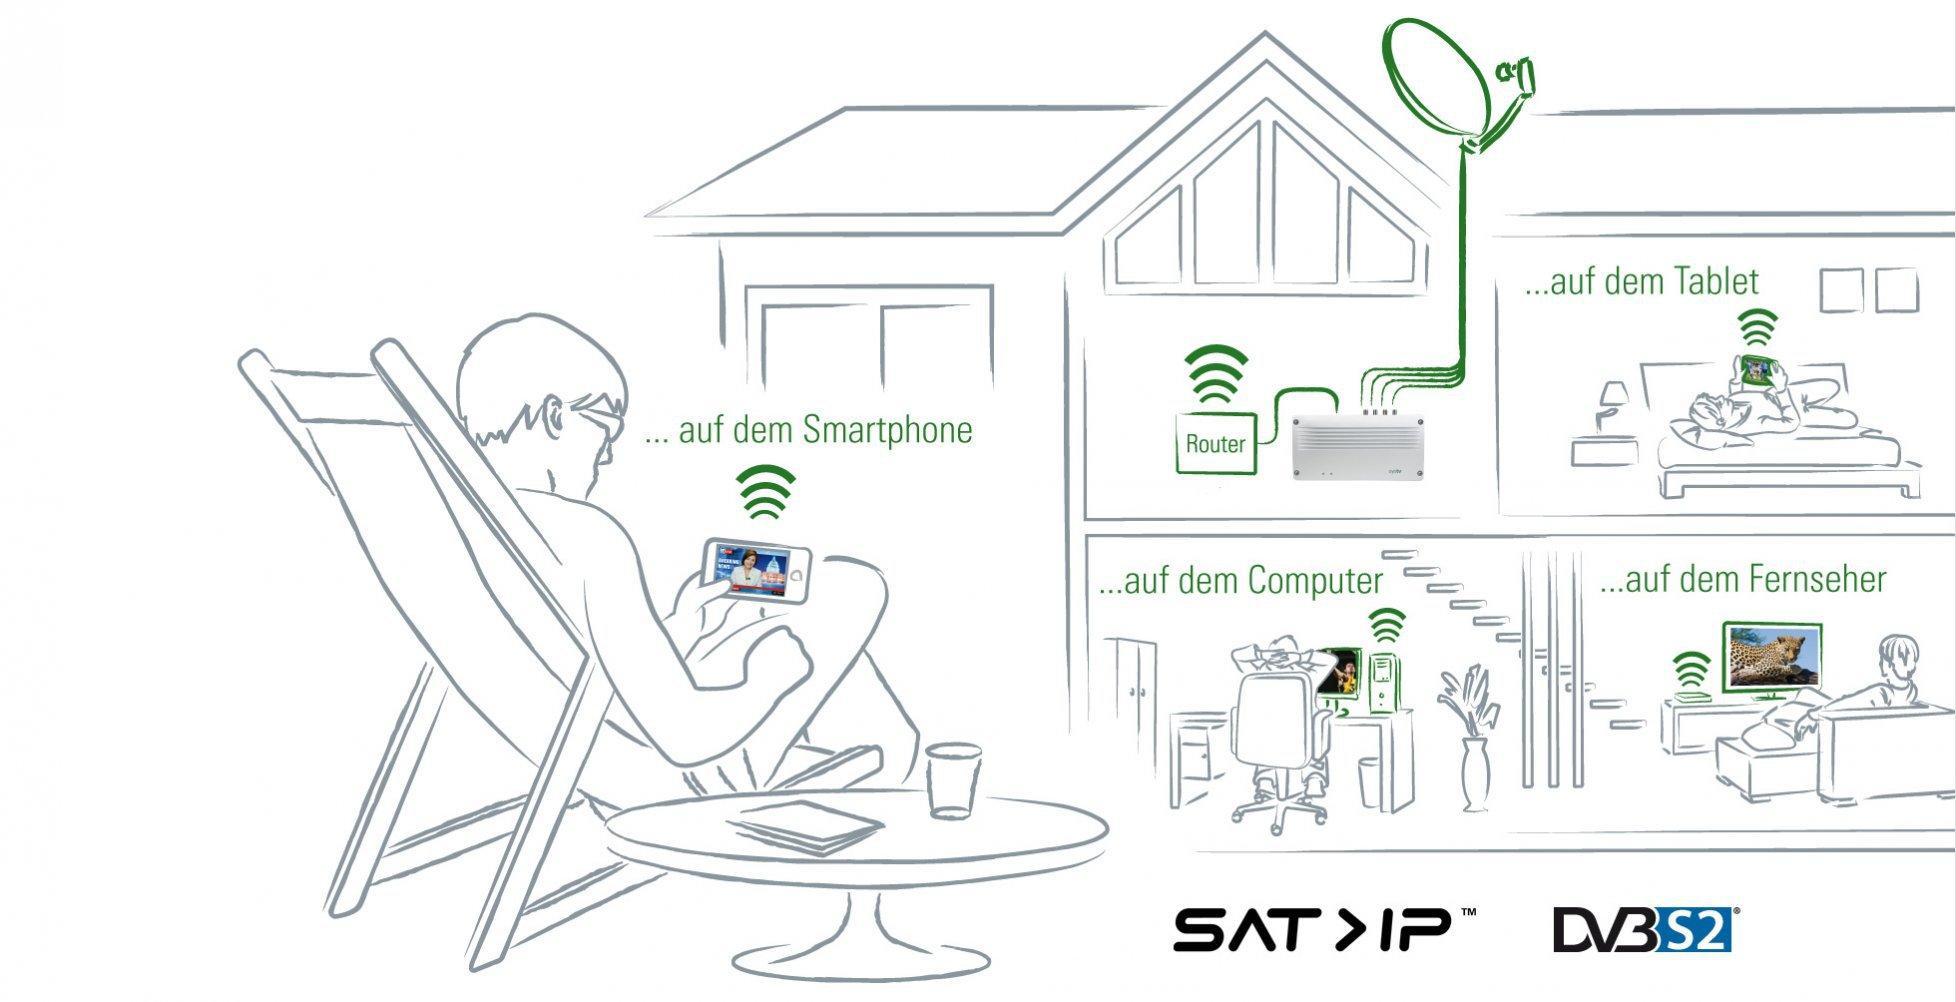 eyetv netstream 4sat verteilt satellitensignal auf pcs tablets und smartphones heise online. Black Bedroom Furniture Sets. Home Design Ideas